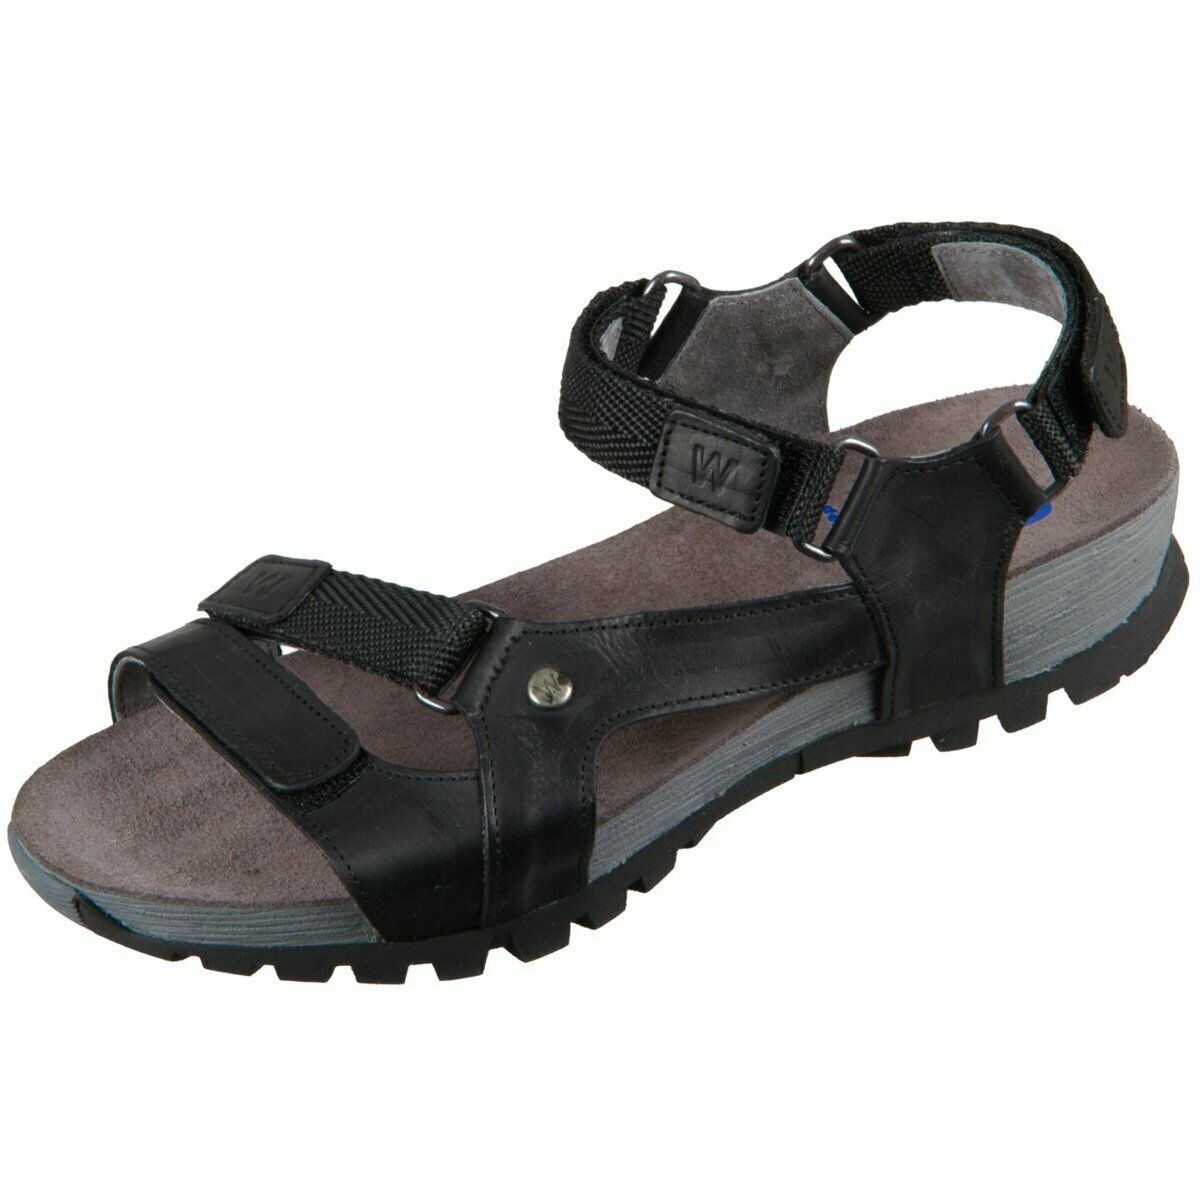 Wolky Damen Sandaletten Cradle 0545030-000 schwarz multi Cradle Softy Wax